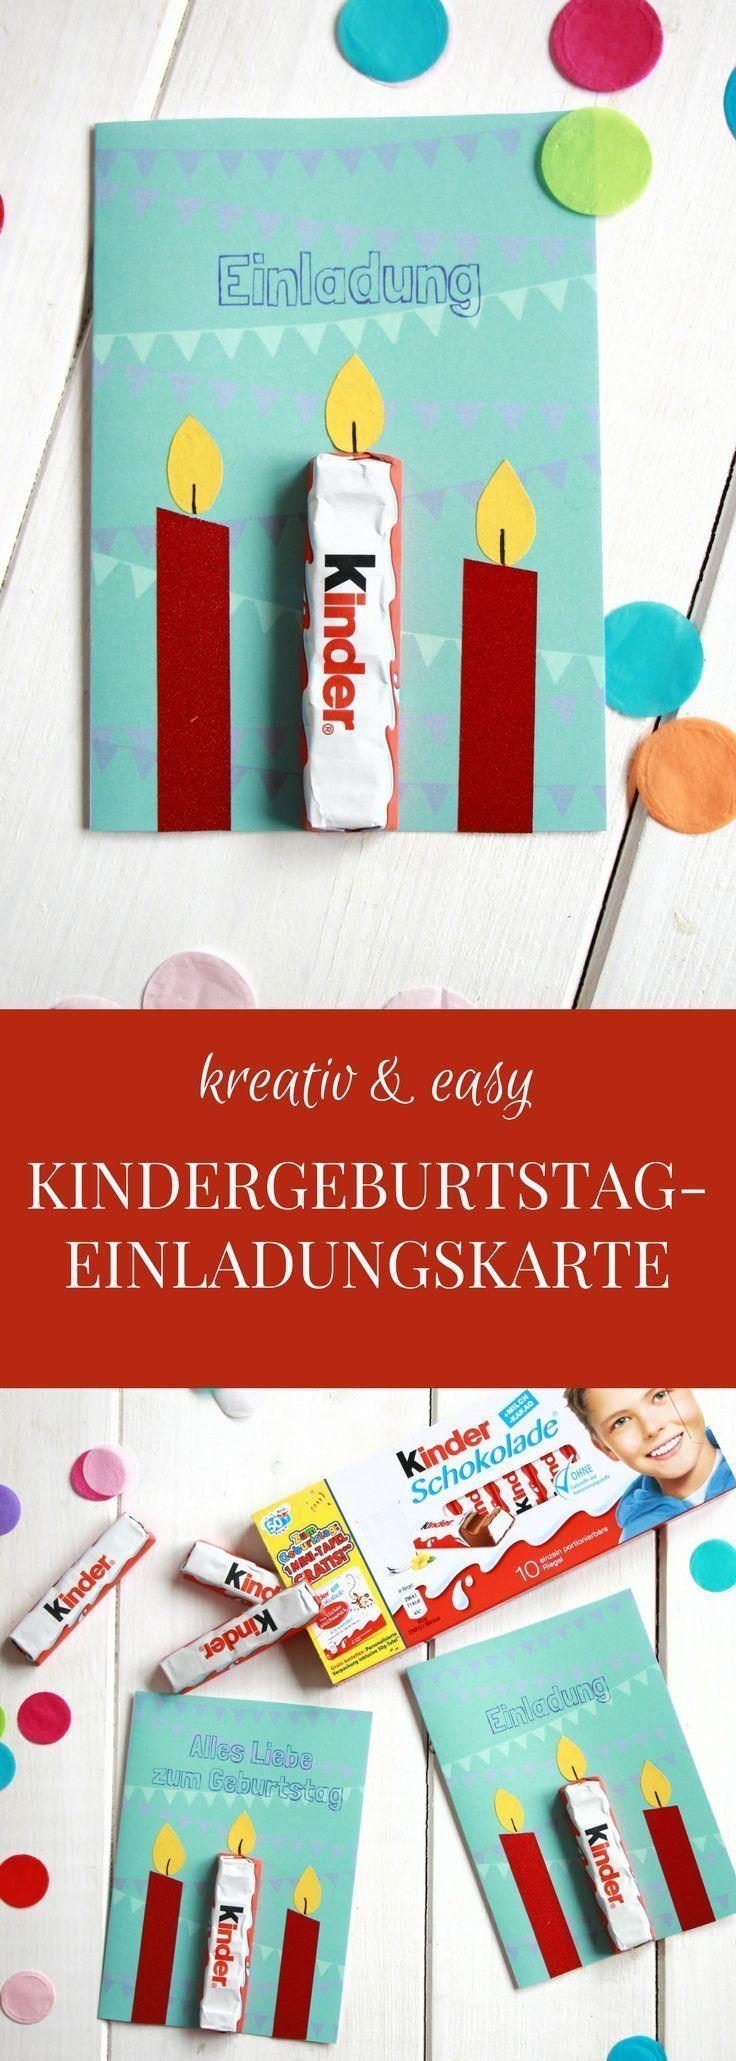 Anzeige: Kindergeburtstag feiern: Ideen für eine Kindergeburtstag-Einladungskarte und ein Kindergeburtstag-Mitgebsel mit Ferrero kinder Schokolade